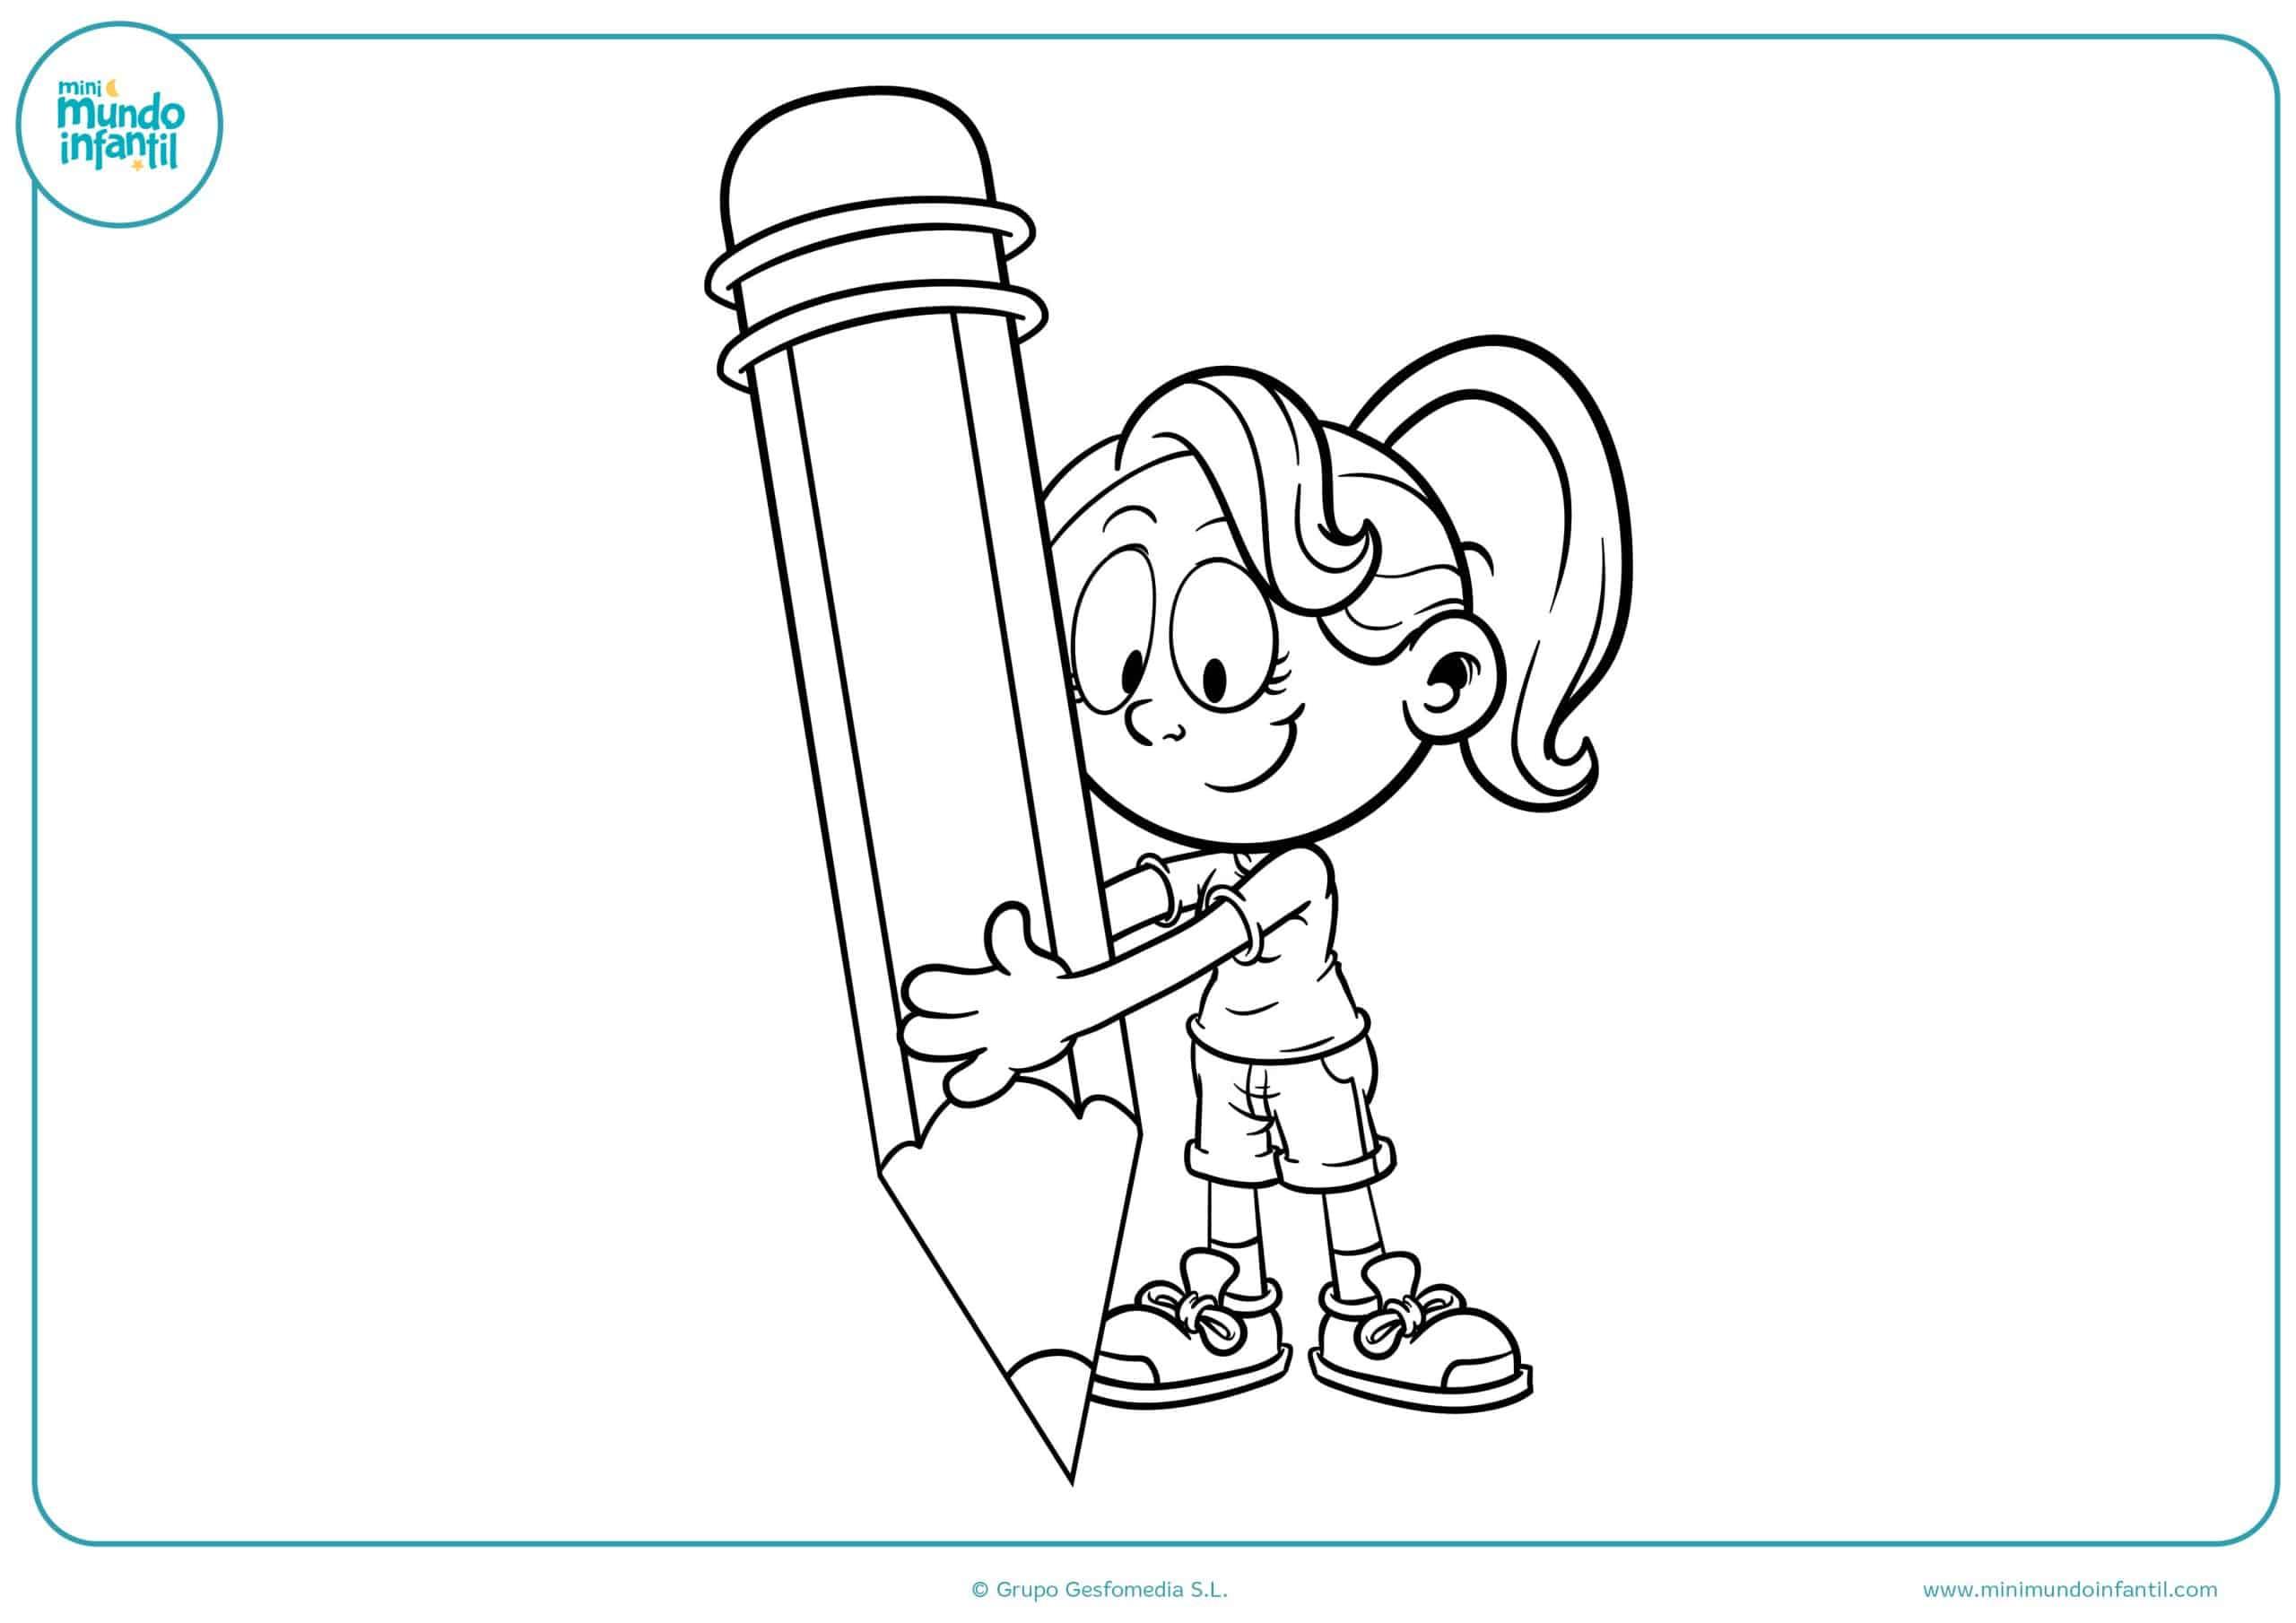 1-Dibujos para colorear regreso a clases